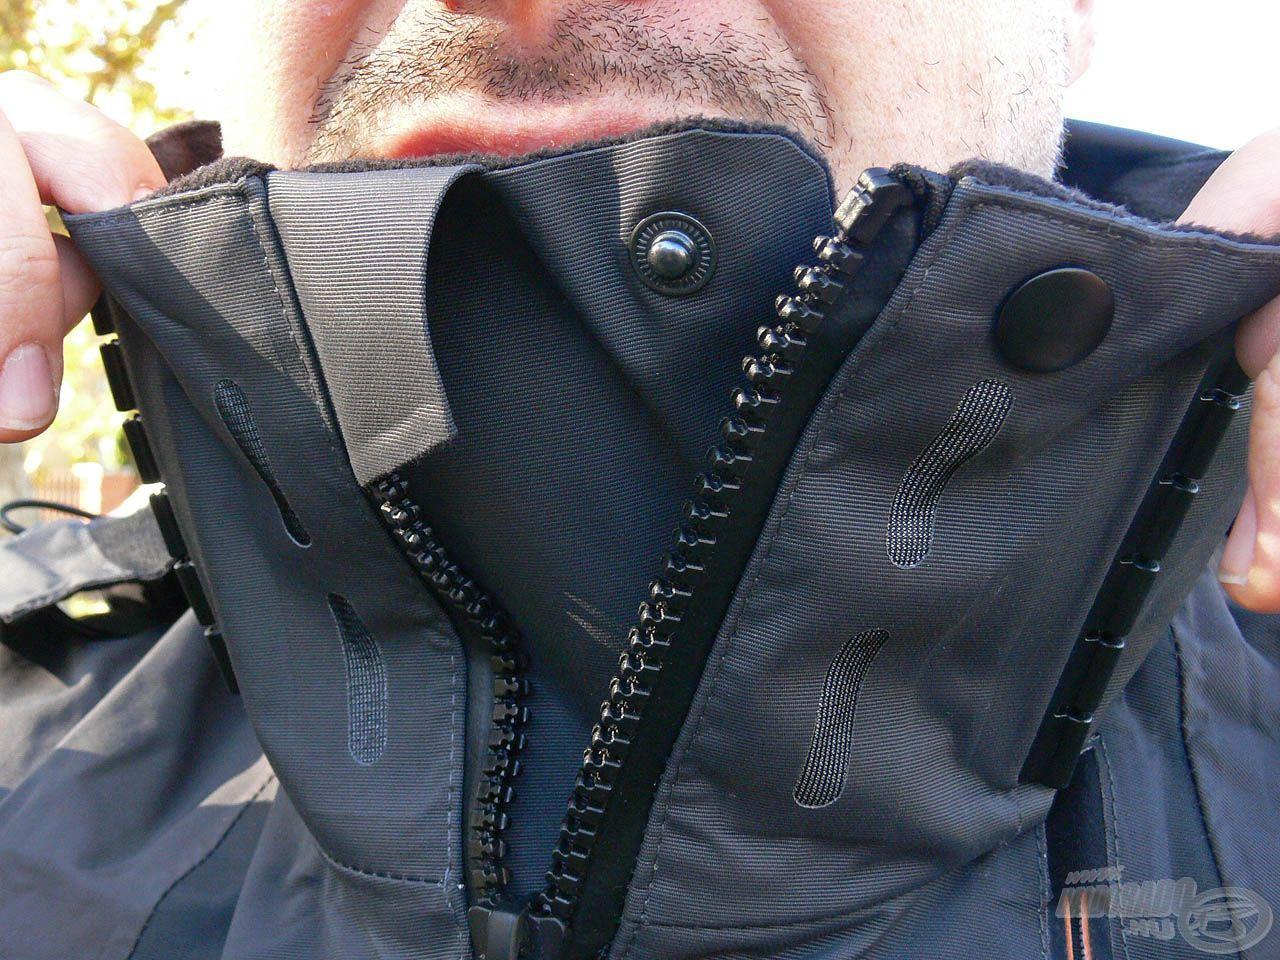 Ez a magas gallérrész minden körülmények között megvédi a nyakunkat a hidegtől és a nedvességtől!